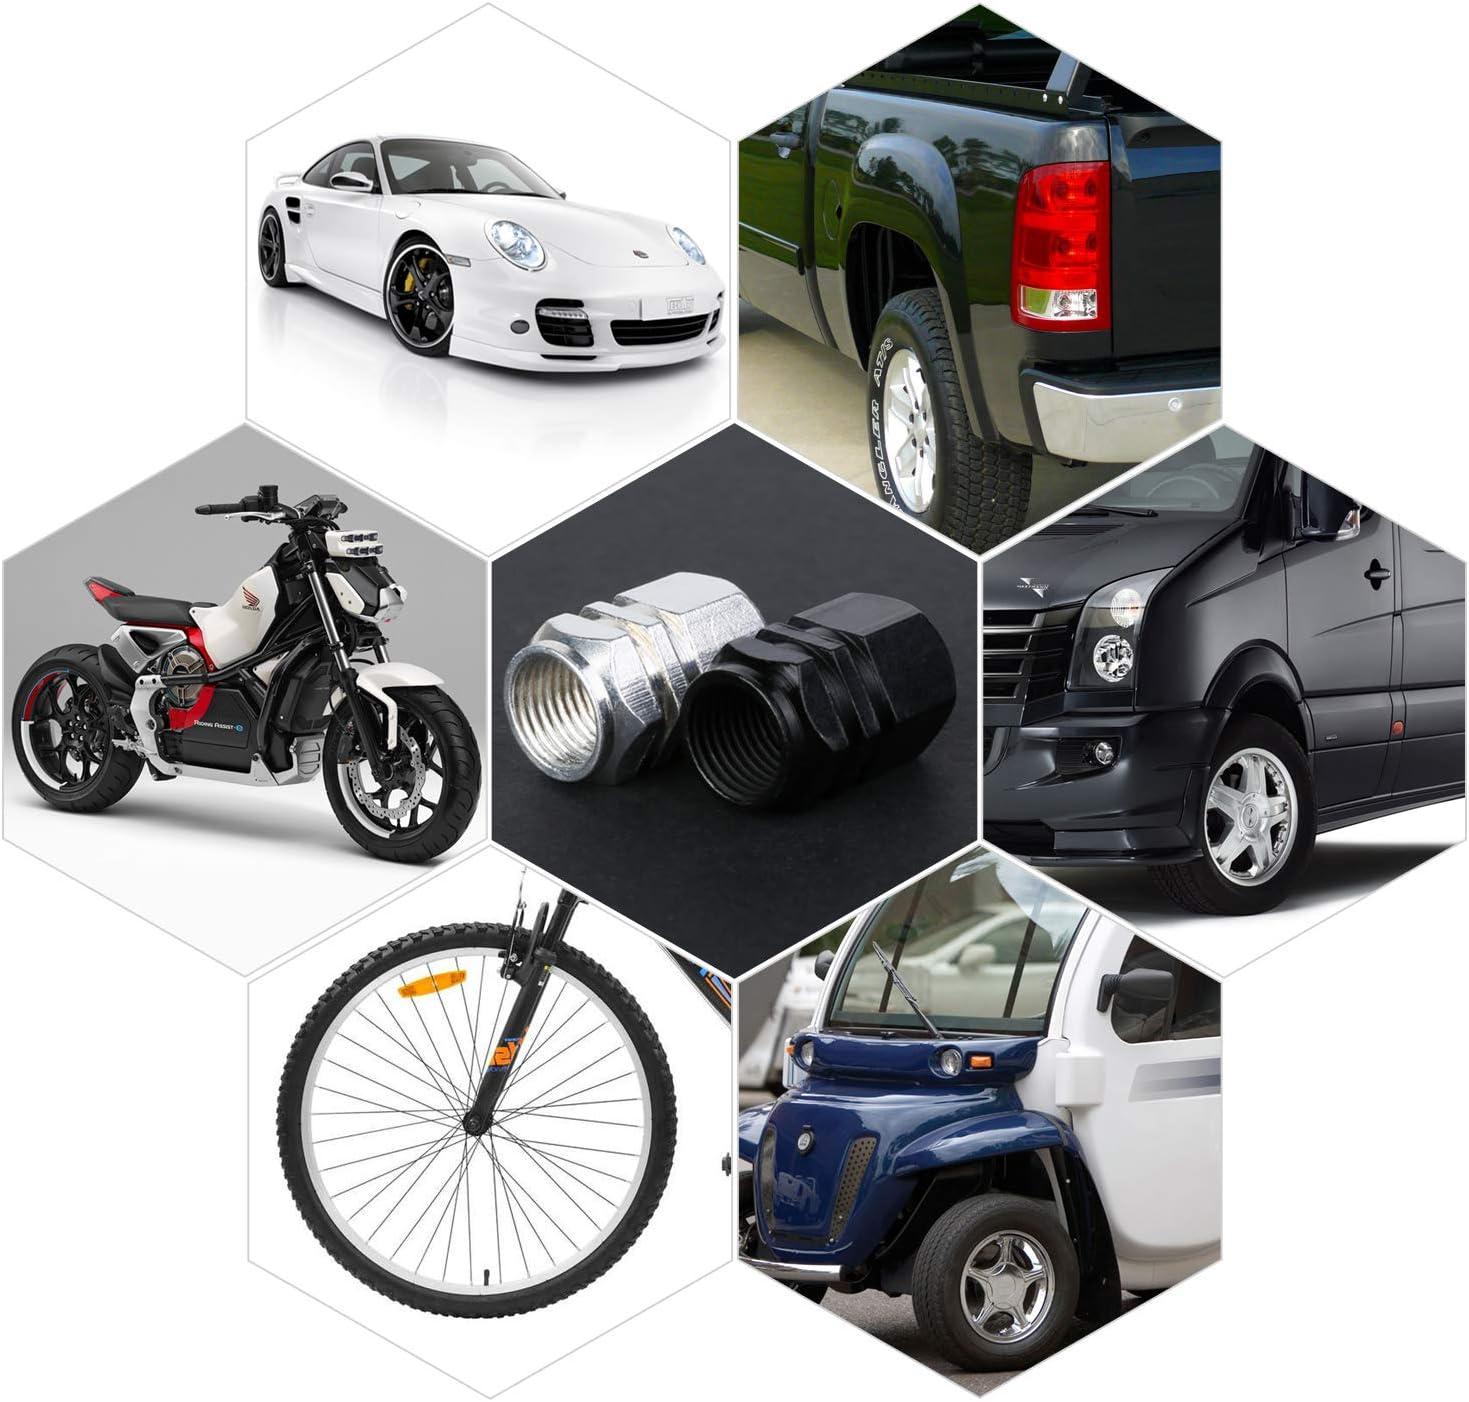 Mwoot 10 Stücke Metallventilkappen Aluminium Ventilkappen Staubdicht Kappe Reifen Für Autos Suv Fahrrad Motorräder Schwarz Silber Auto